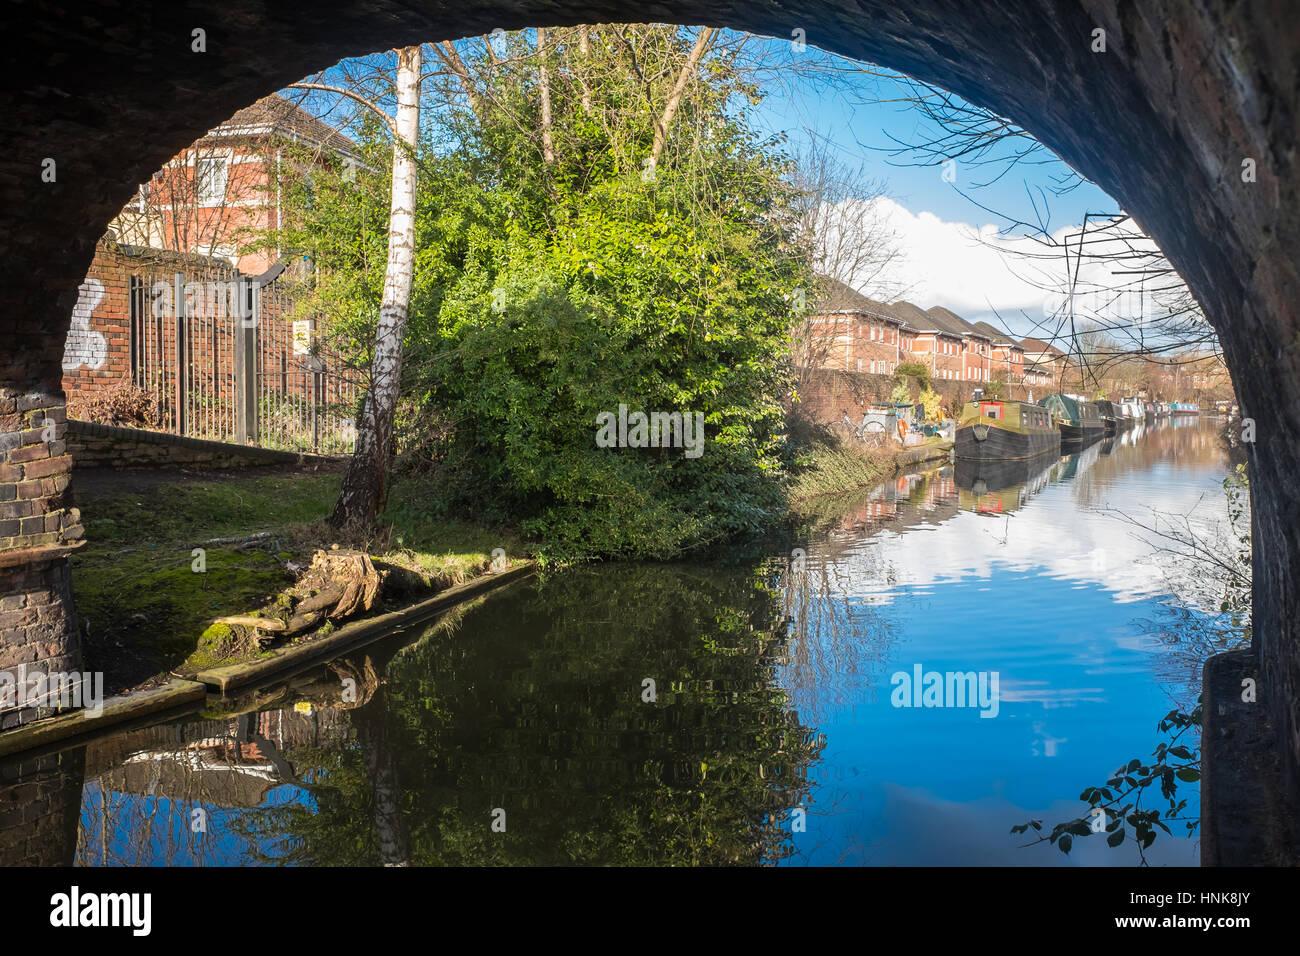 Bellissima vista di Birmingham Canal con Canal barche viste Immagini Stock